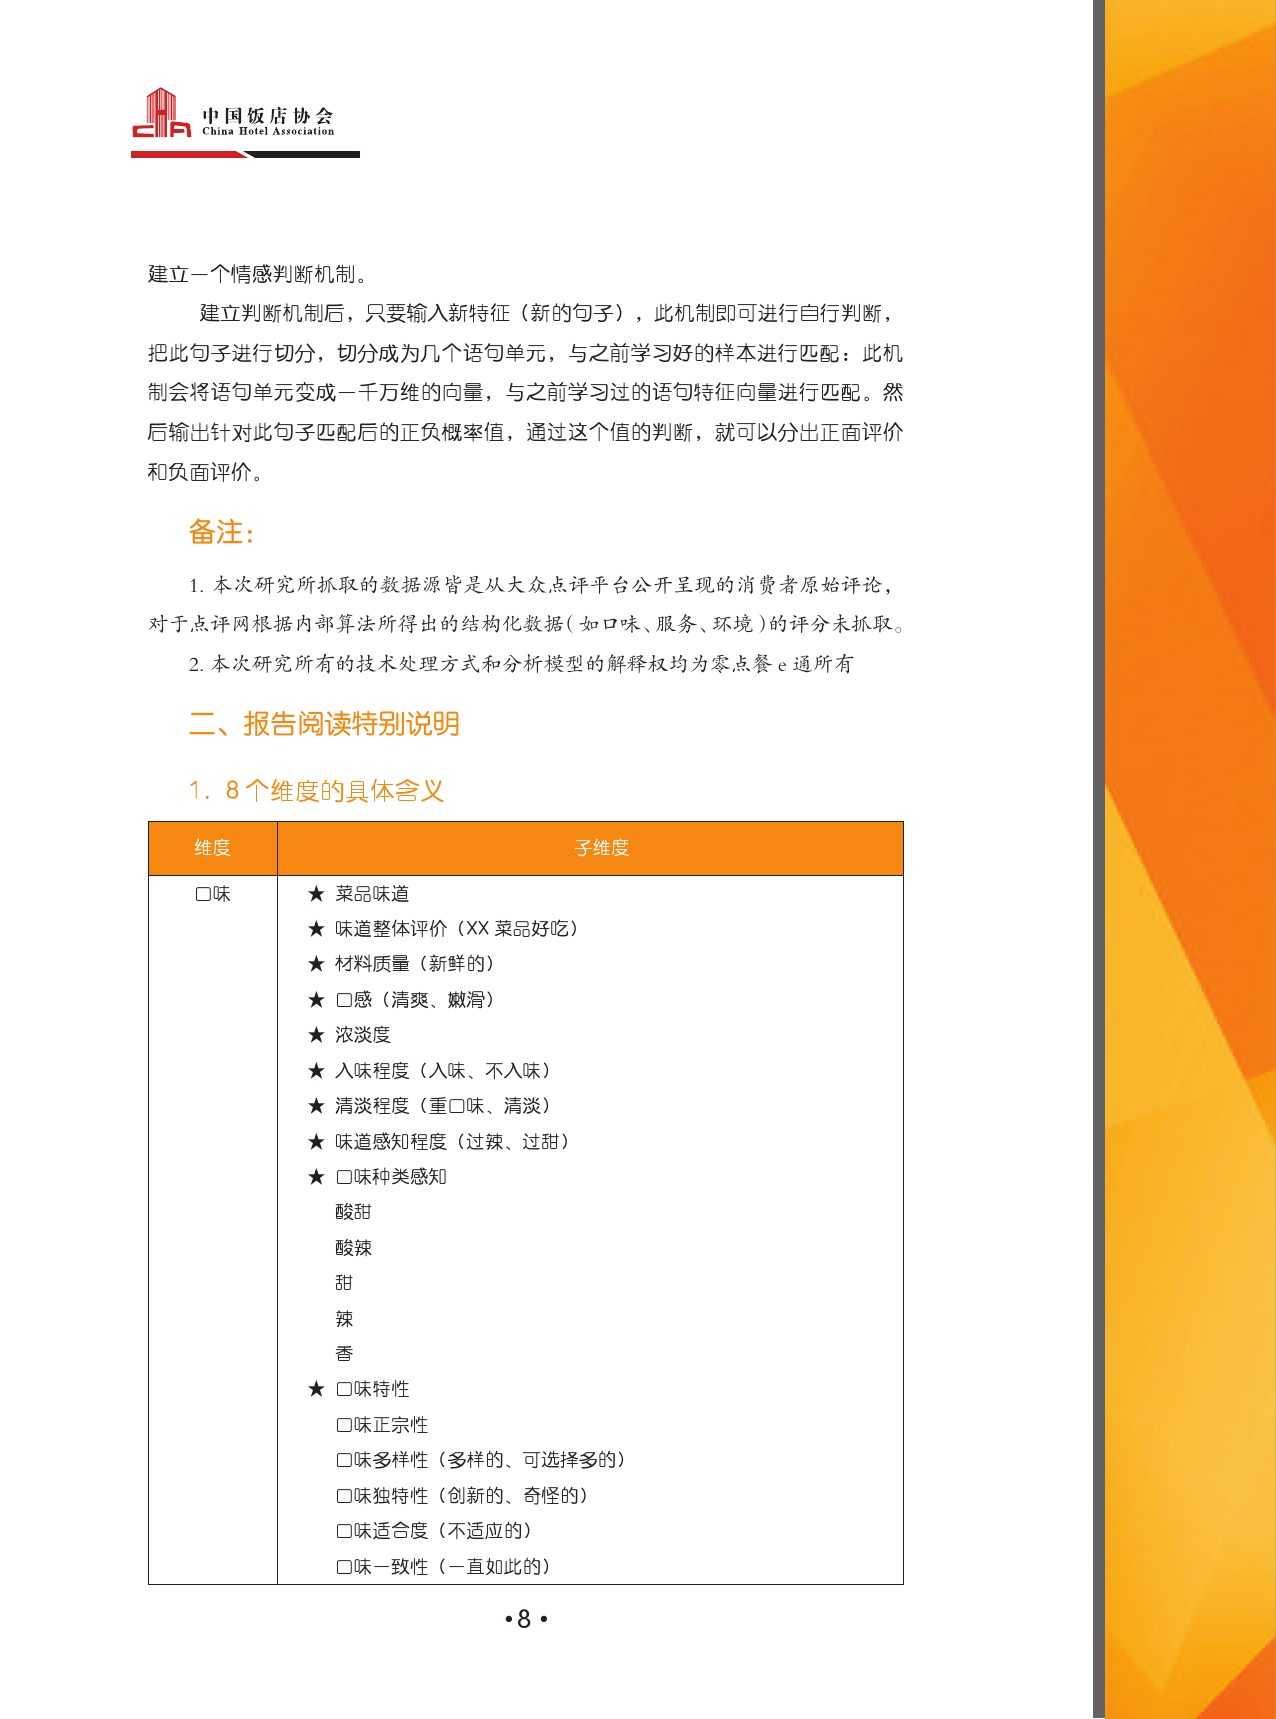 2015中国餐饮消费需求大数据分析报告_000010